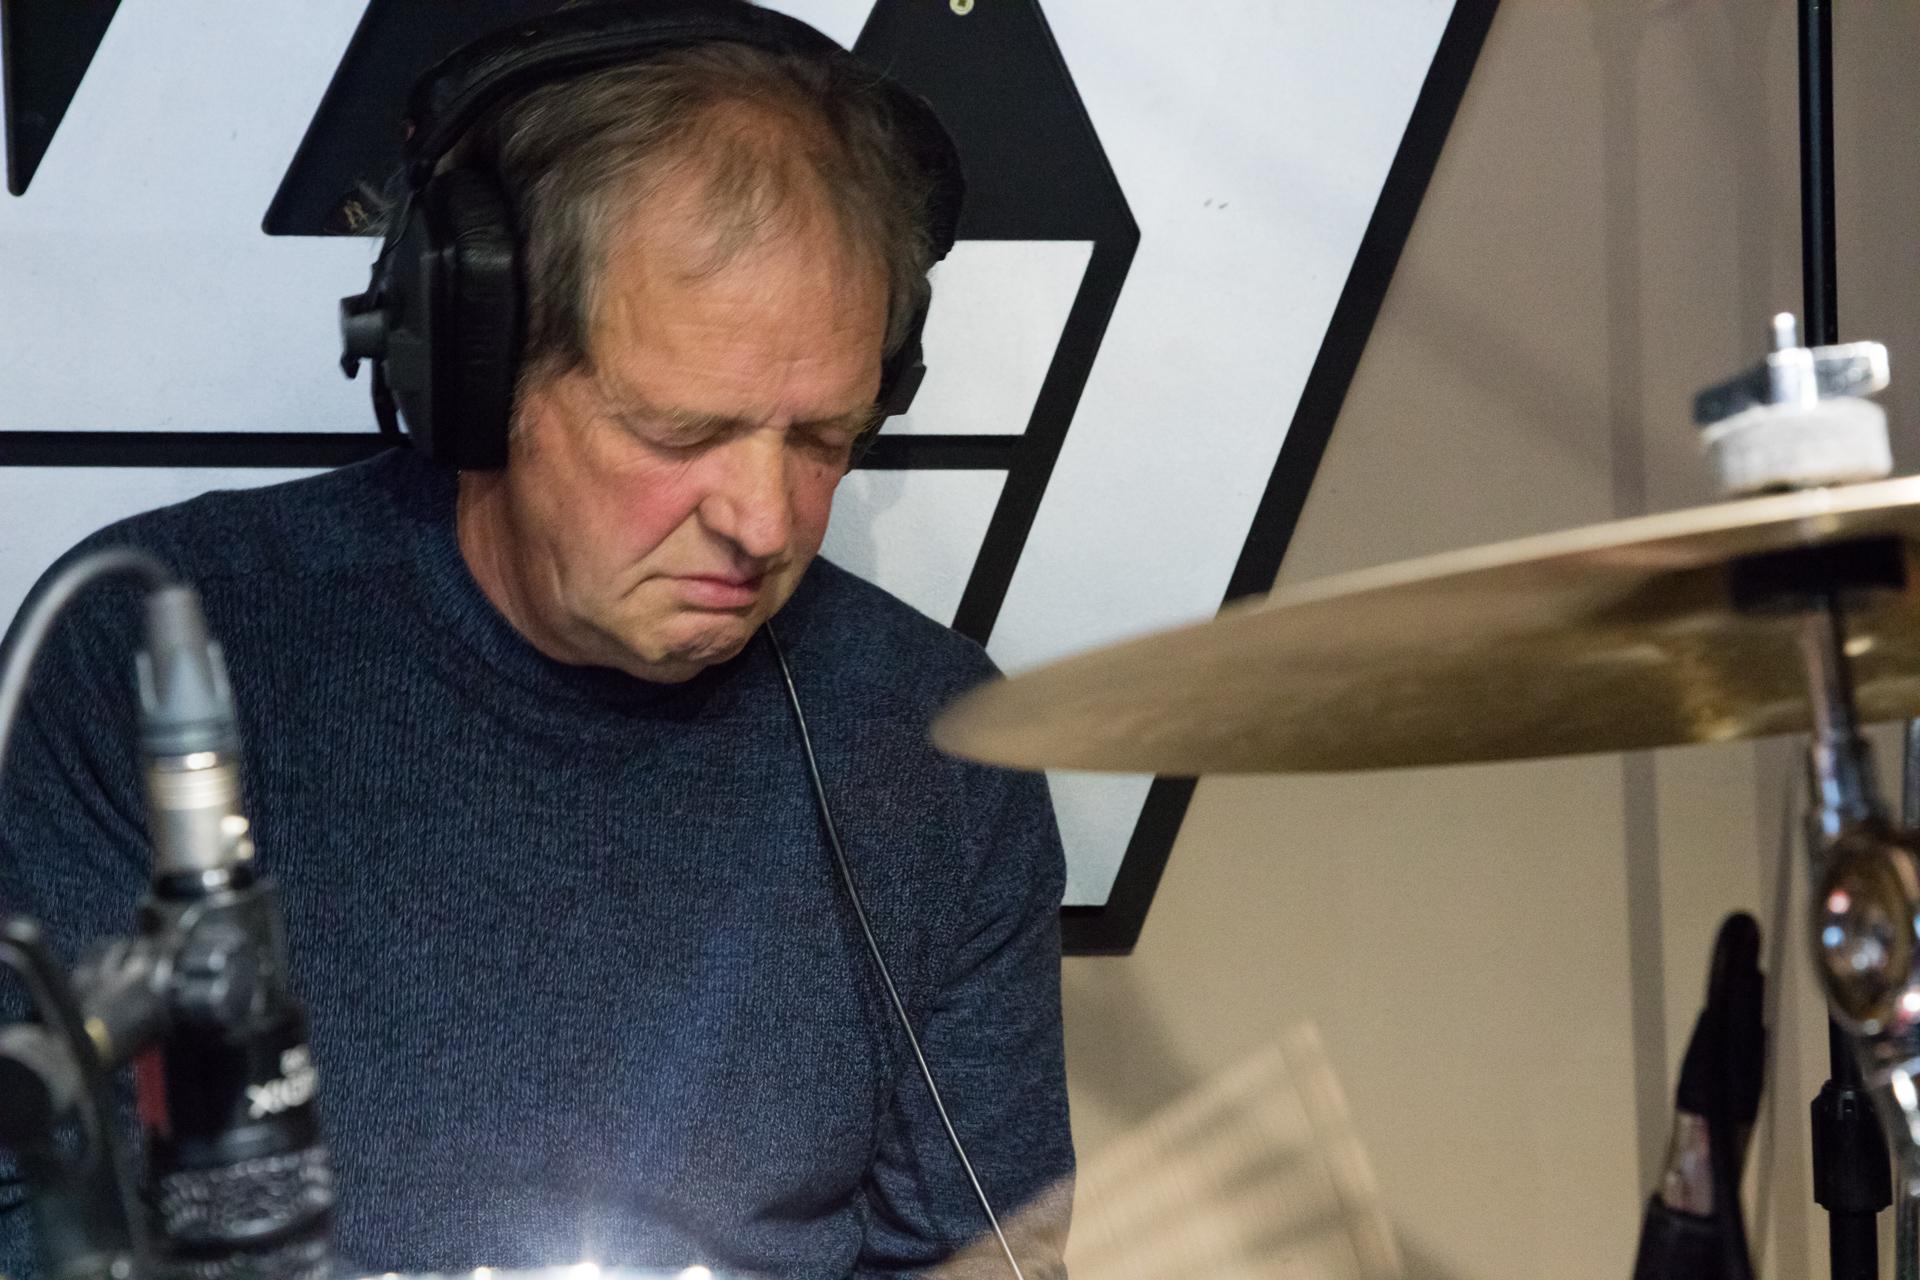 Mick Stafford